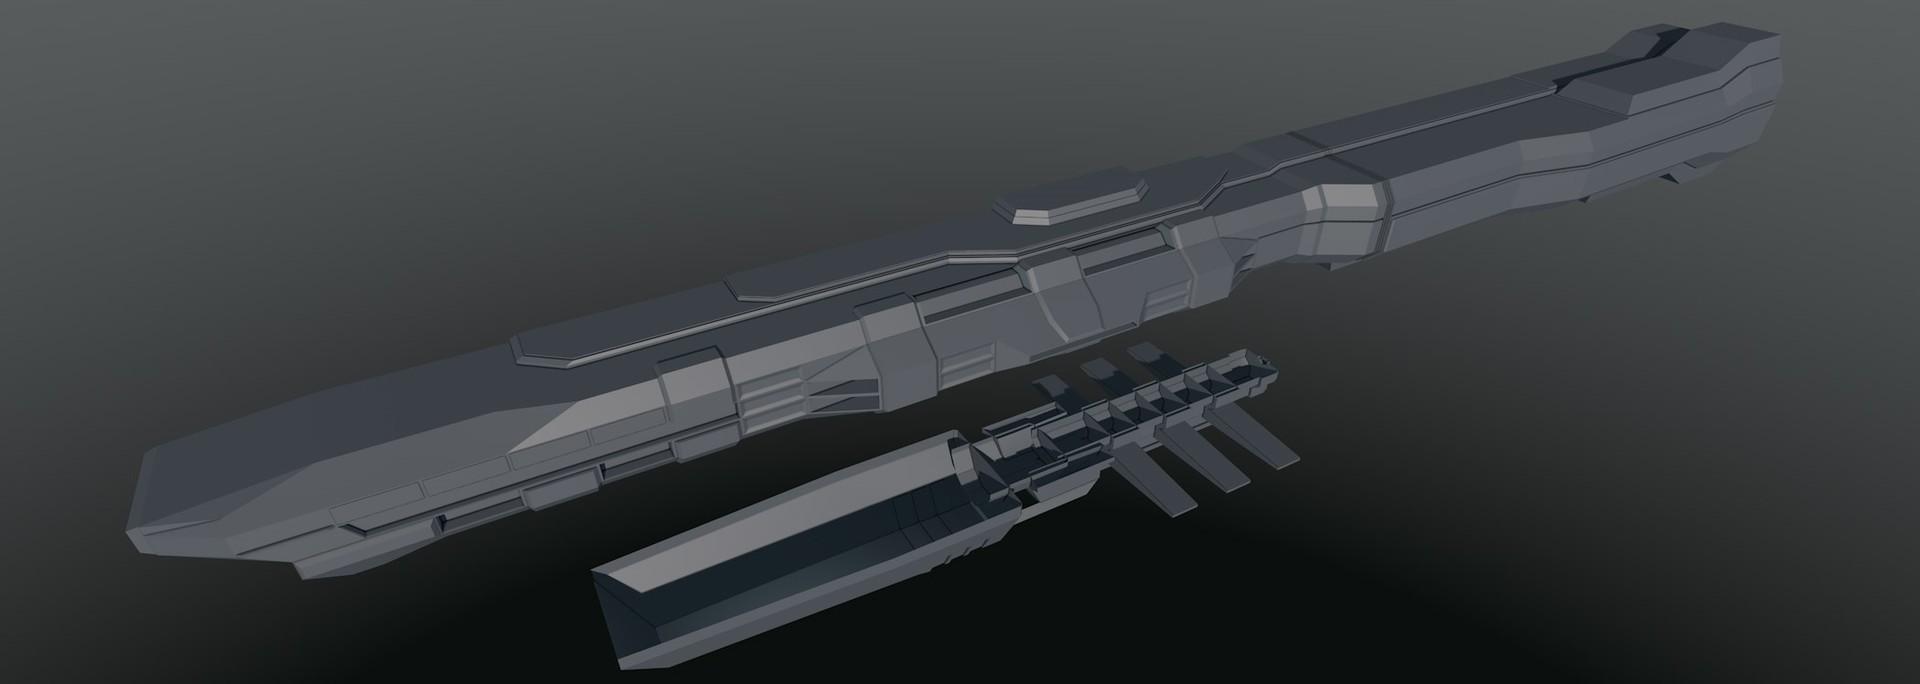 Glenn clovis concept battleship saratoga 8